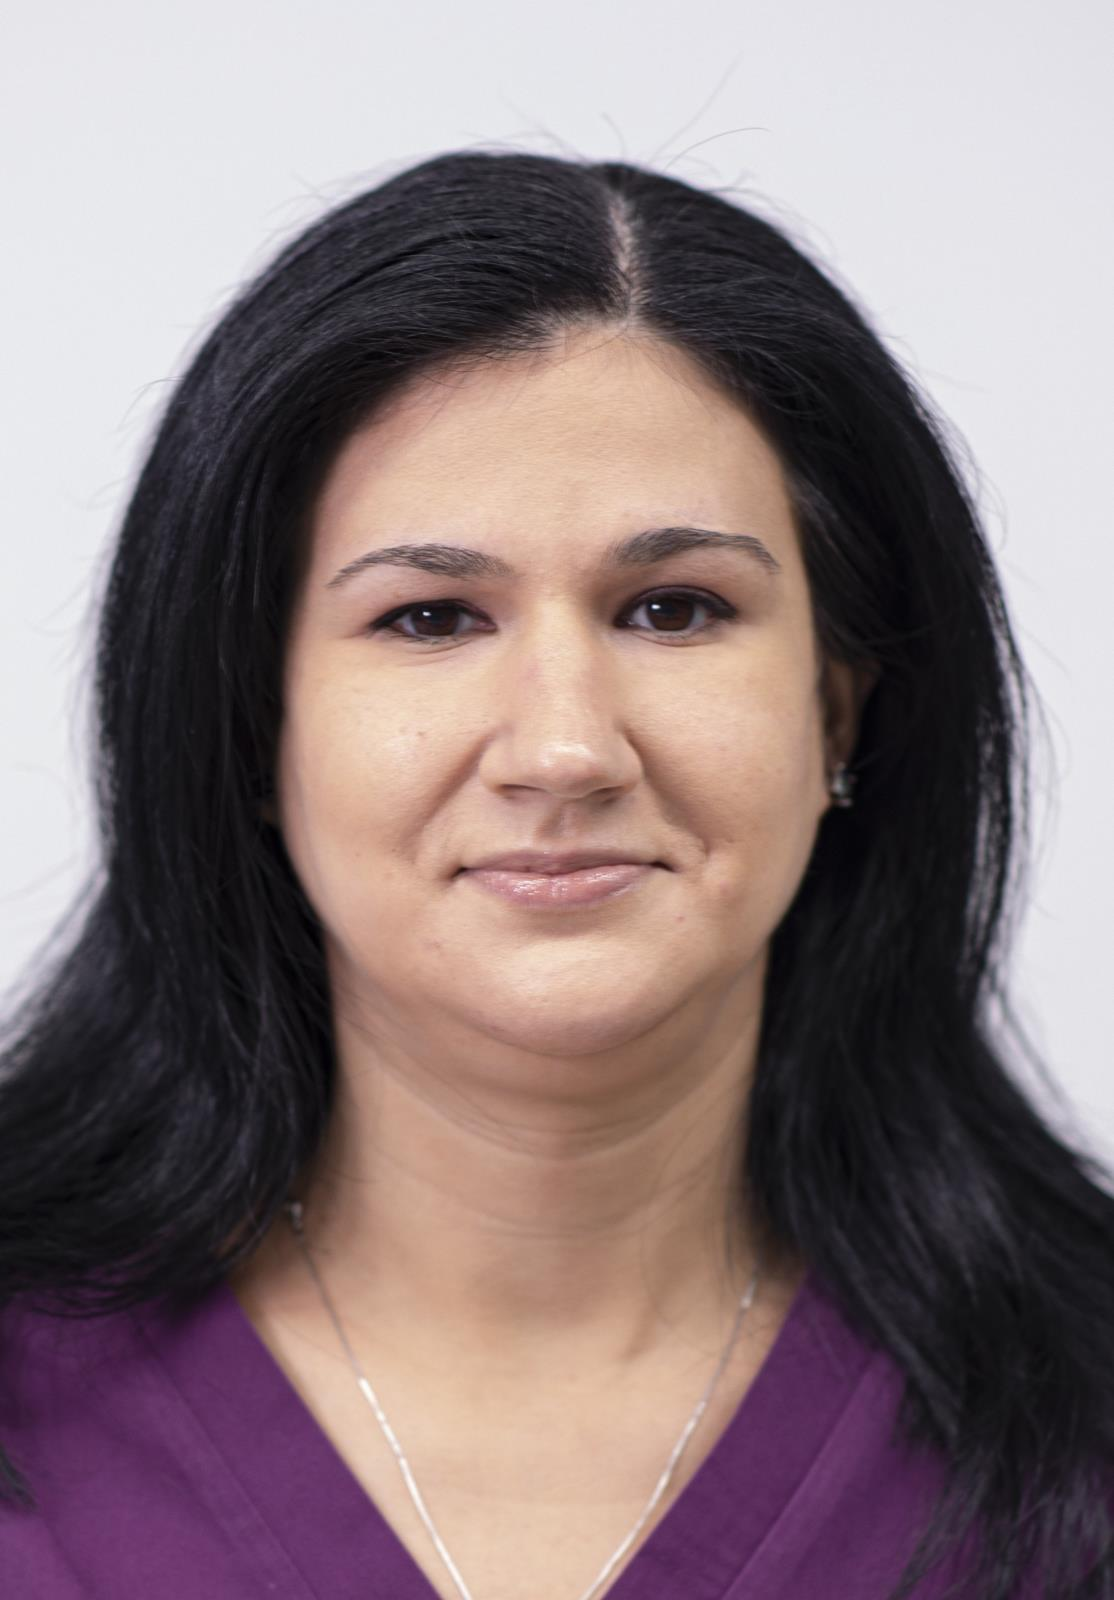 Dr. Mihaela Niculescu